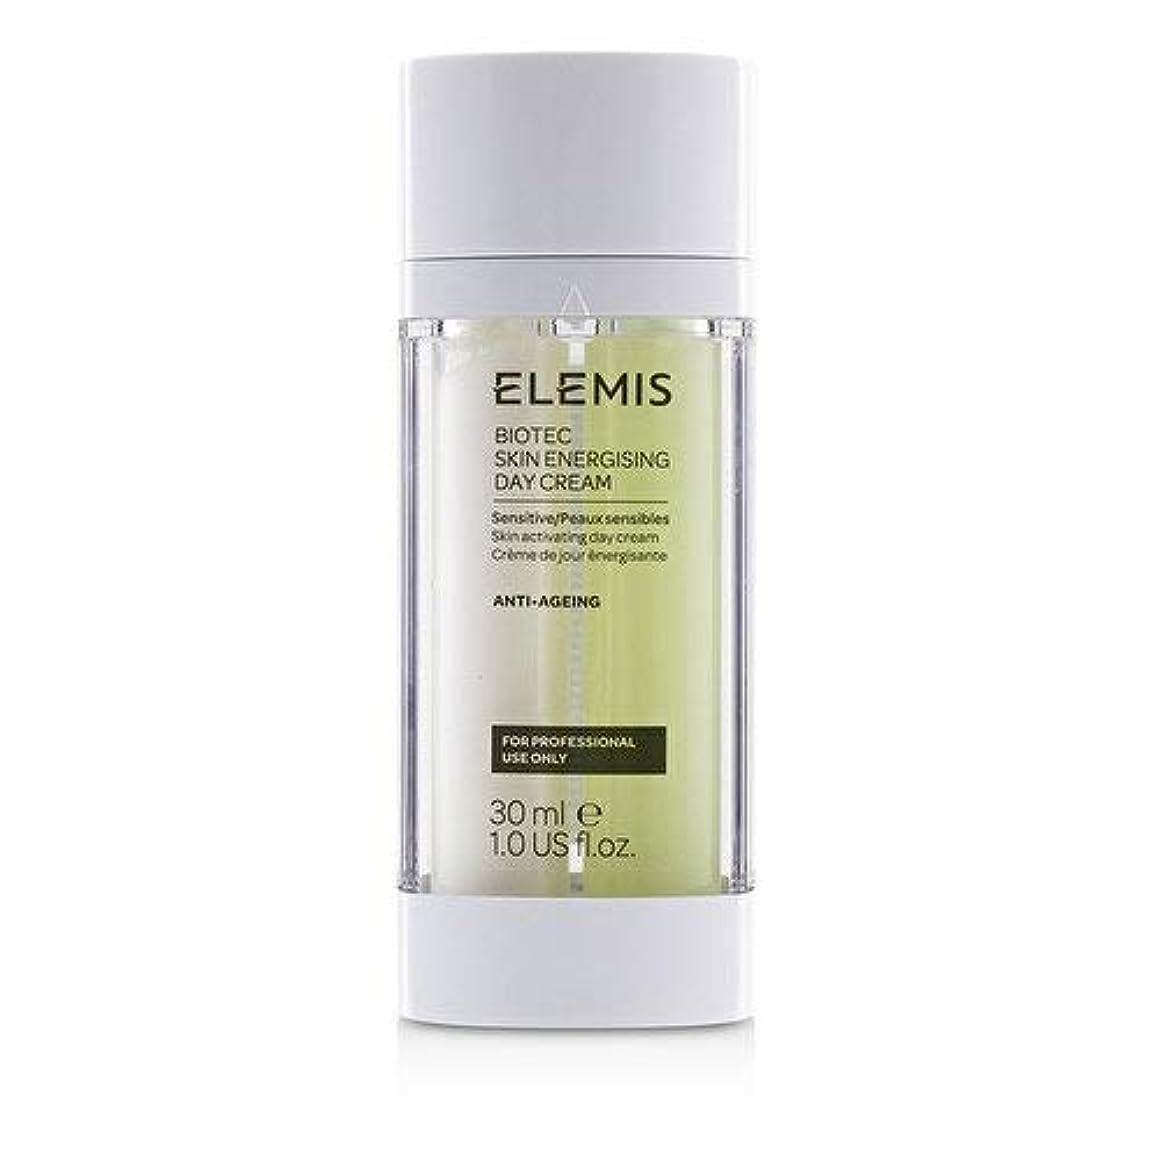 君主ヒープ右エレミス BIOTEC Skin Energising Day Cream - Sensitive (Salon Product) 30ml/1oz並行輸入品